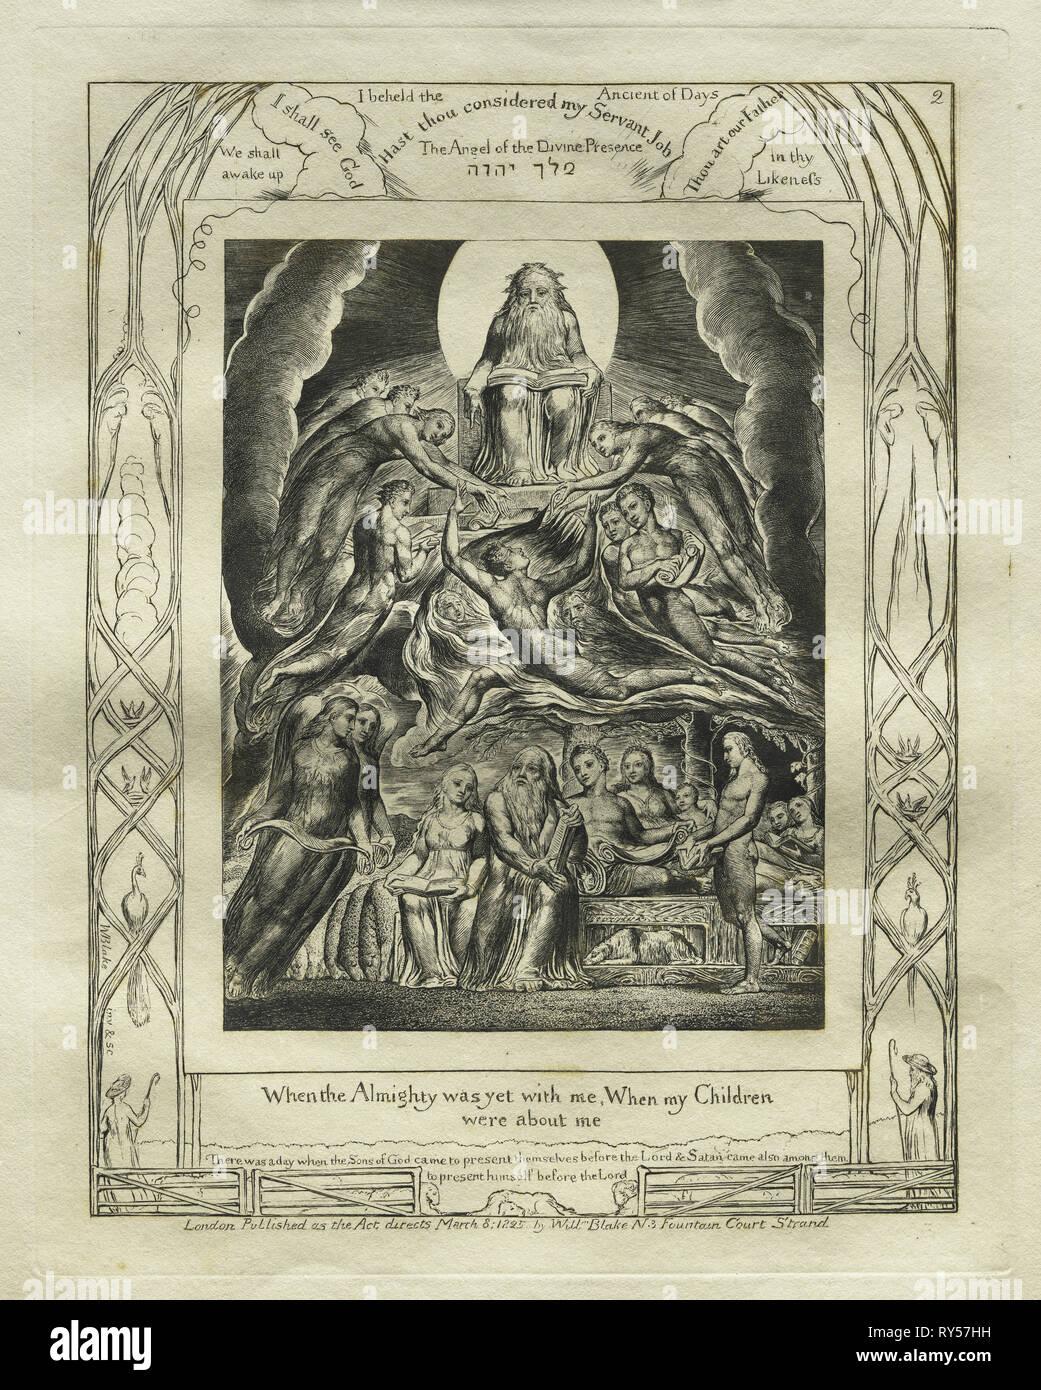 Il Libro di Giobbe: Pl. 2, quando l'Onnipotente era ancora con me e i miei figli / erano circa me, 1825. William Blake (British, 1757-1827). Incisione Immagini Stock